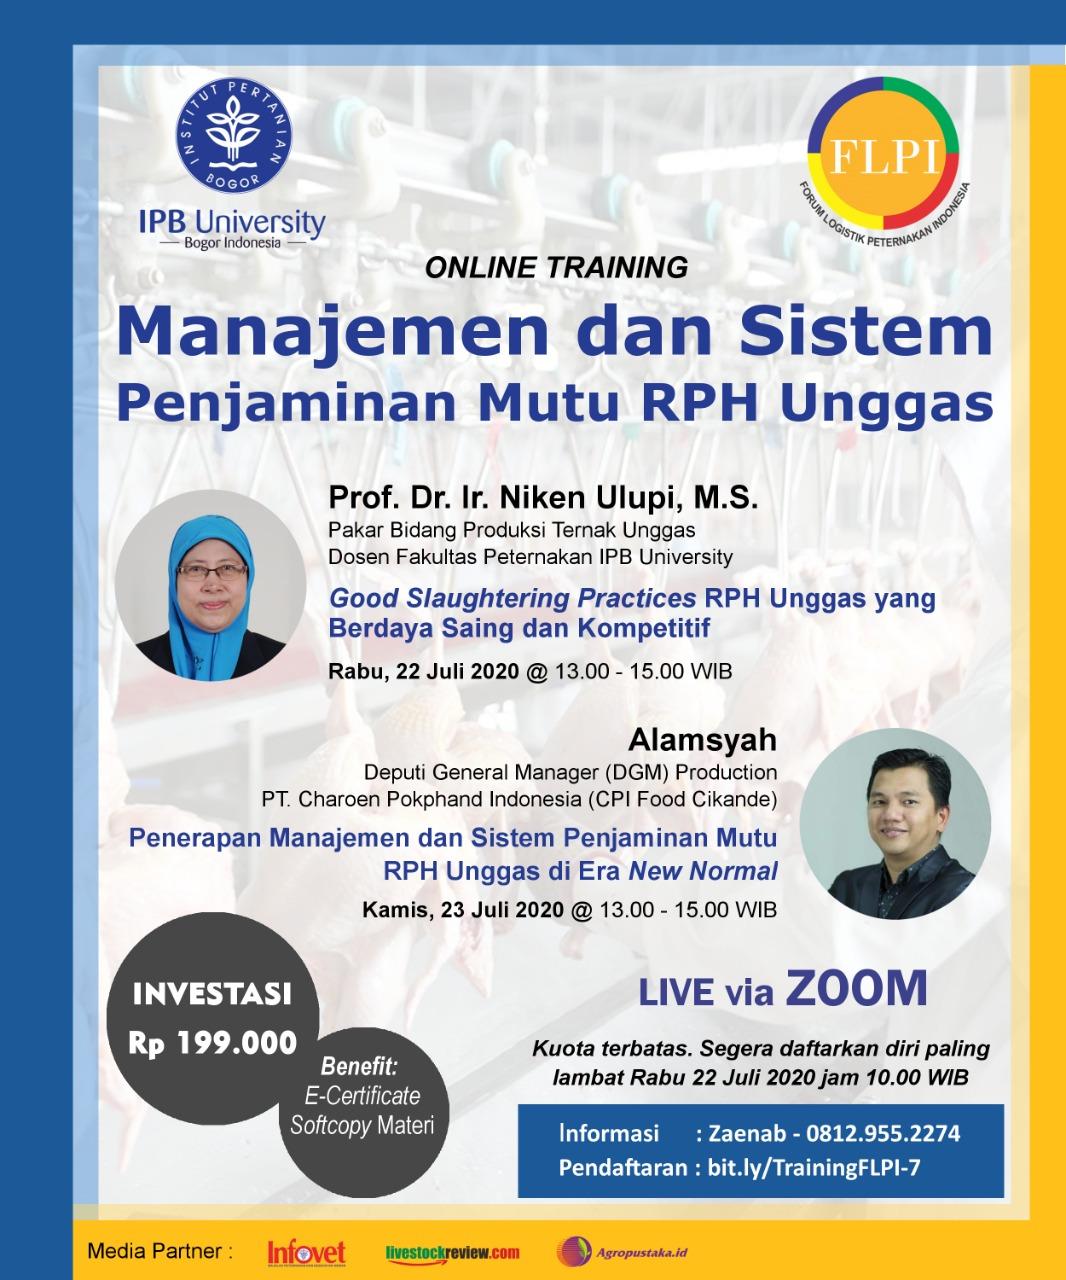 manajemen_dan_penjaminan_mutu_rph_unggas